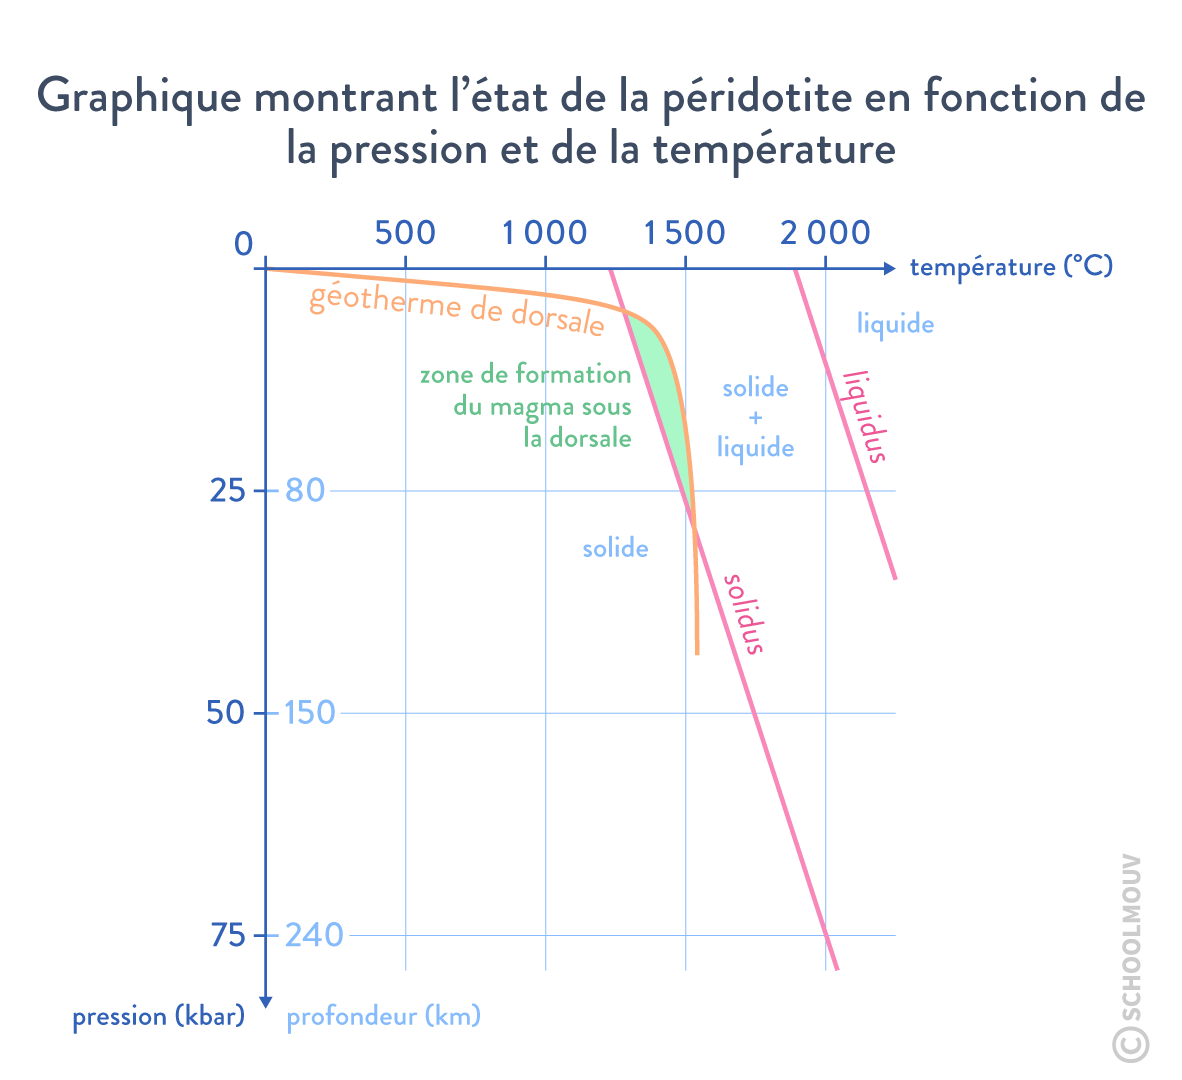 Graphique montrant l'état de la péridotite en fonction de la pression et de la température solidus liquidus solidus géotherme svt première